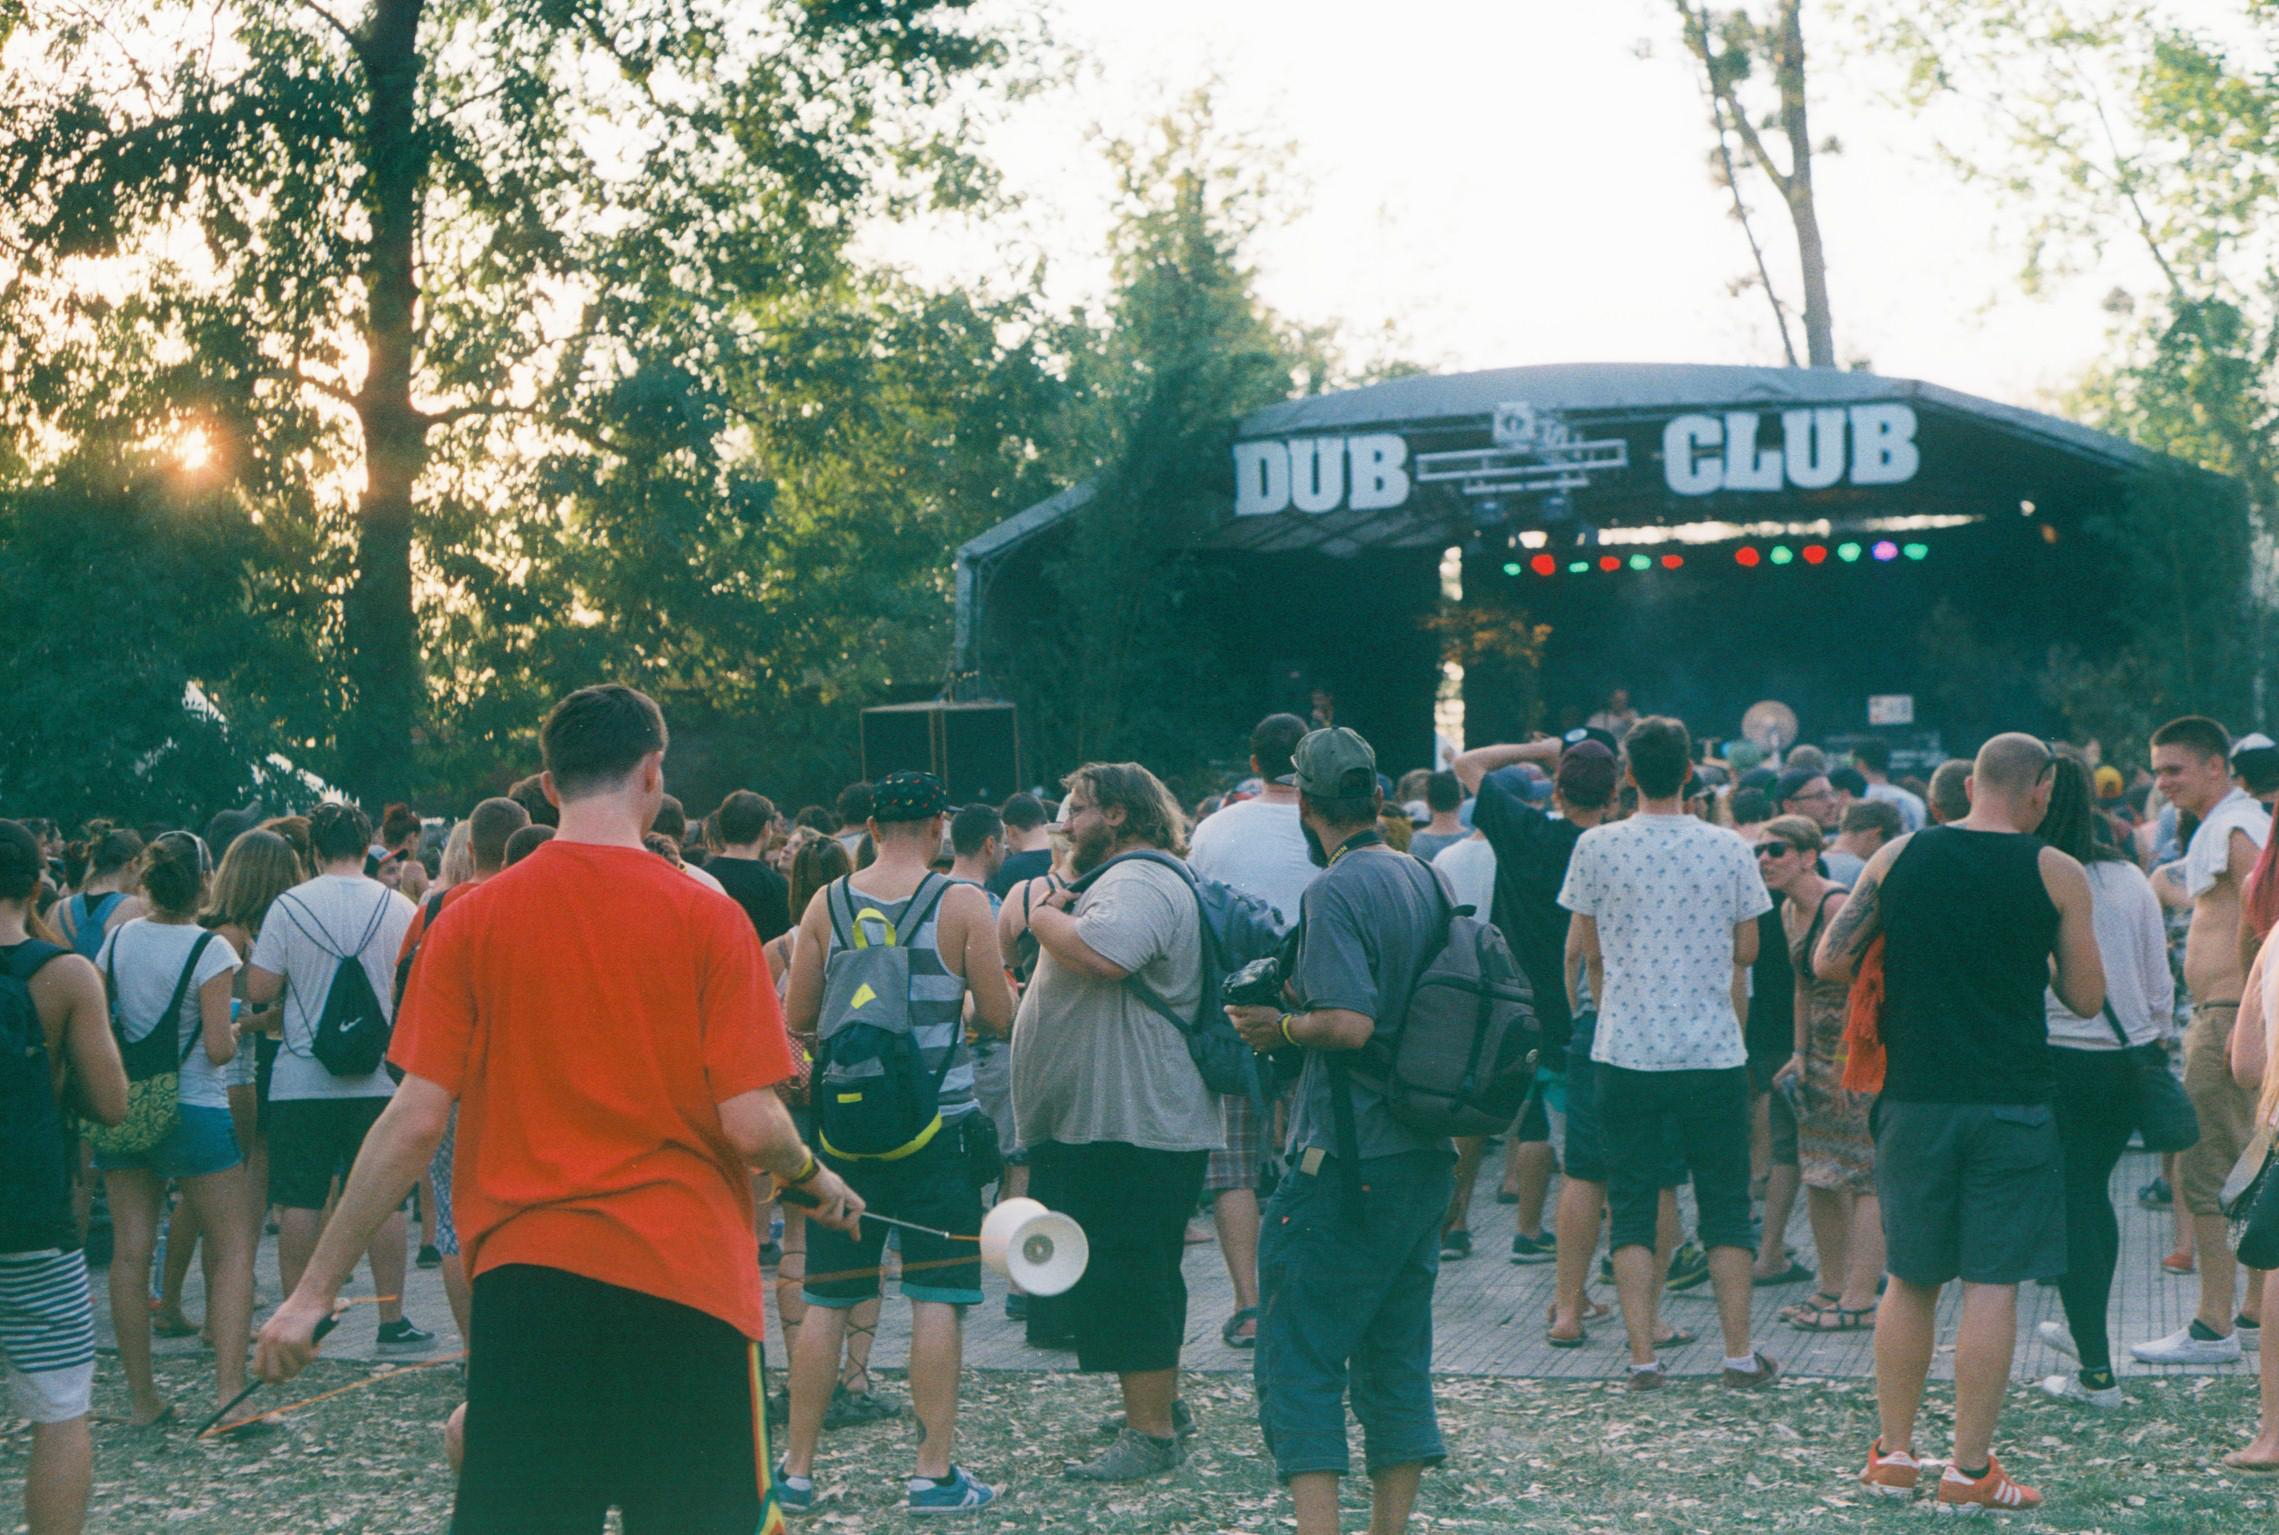 Dub club stage